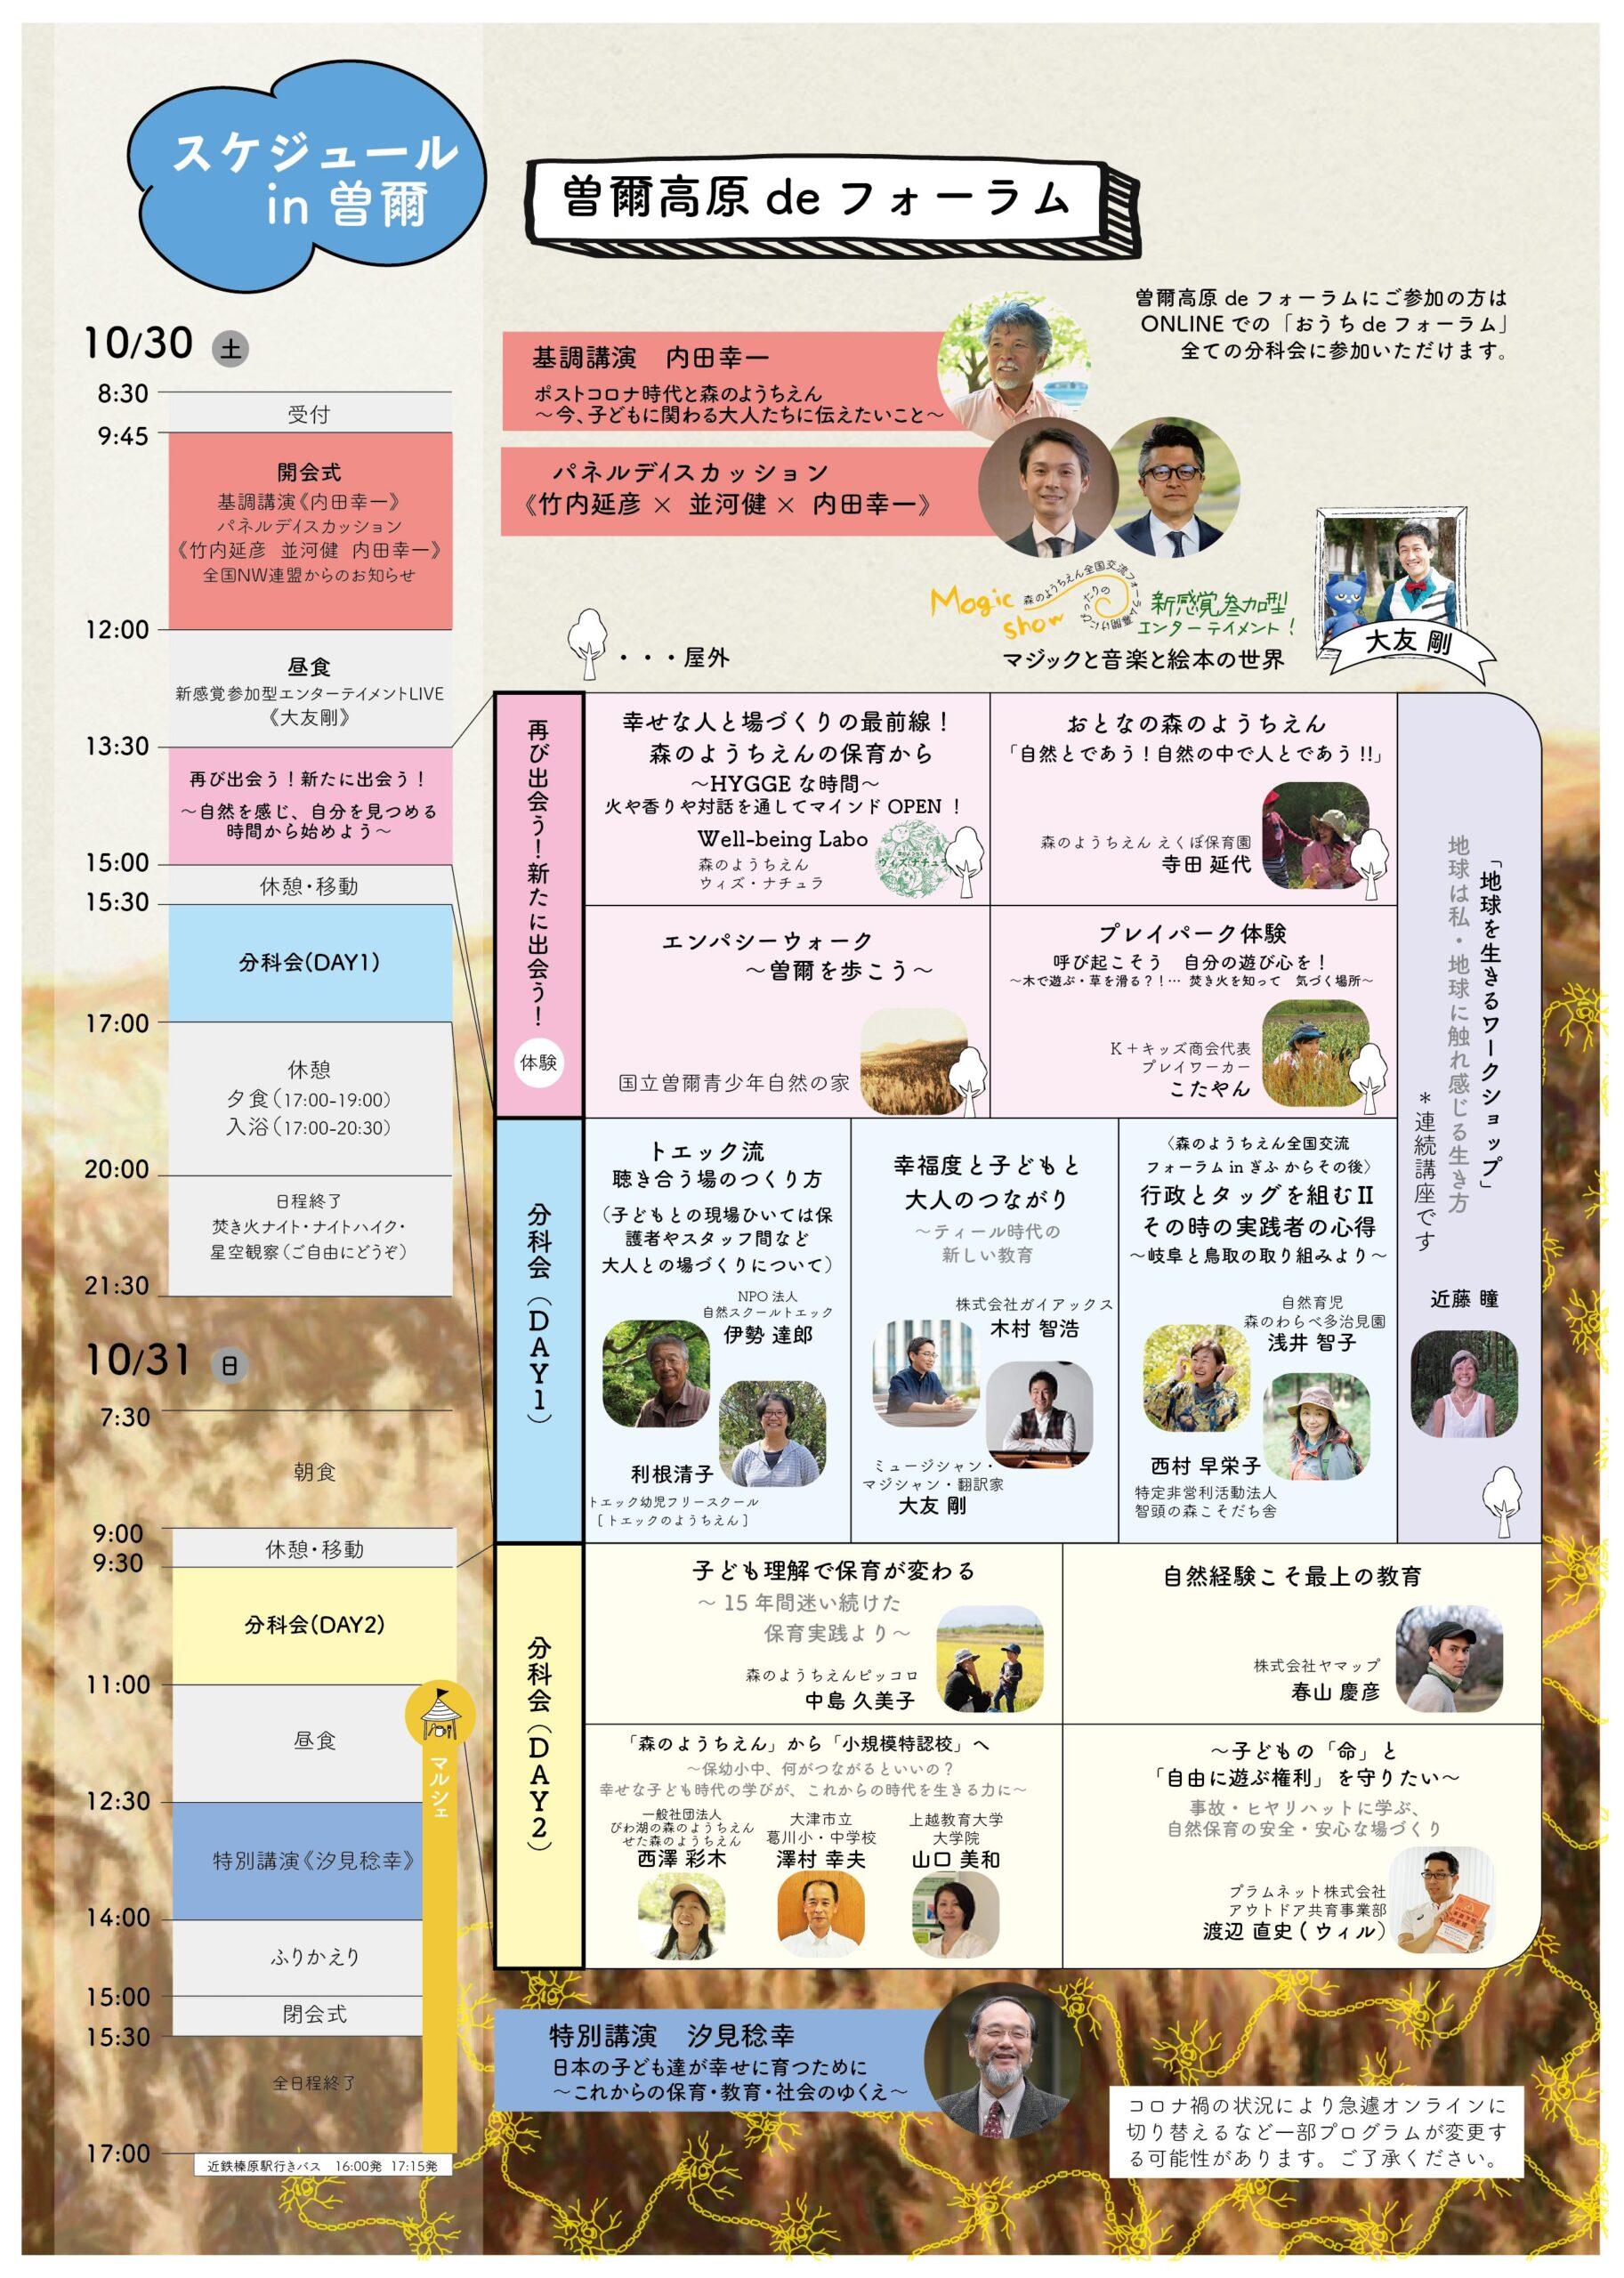 【曽爾高原deフォーラム】 27日9時から日帰り1DAY参加の受付がスタートします。